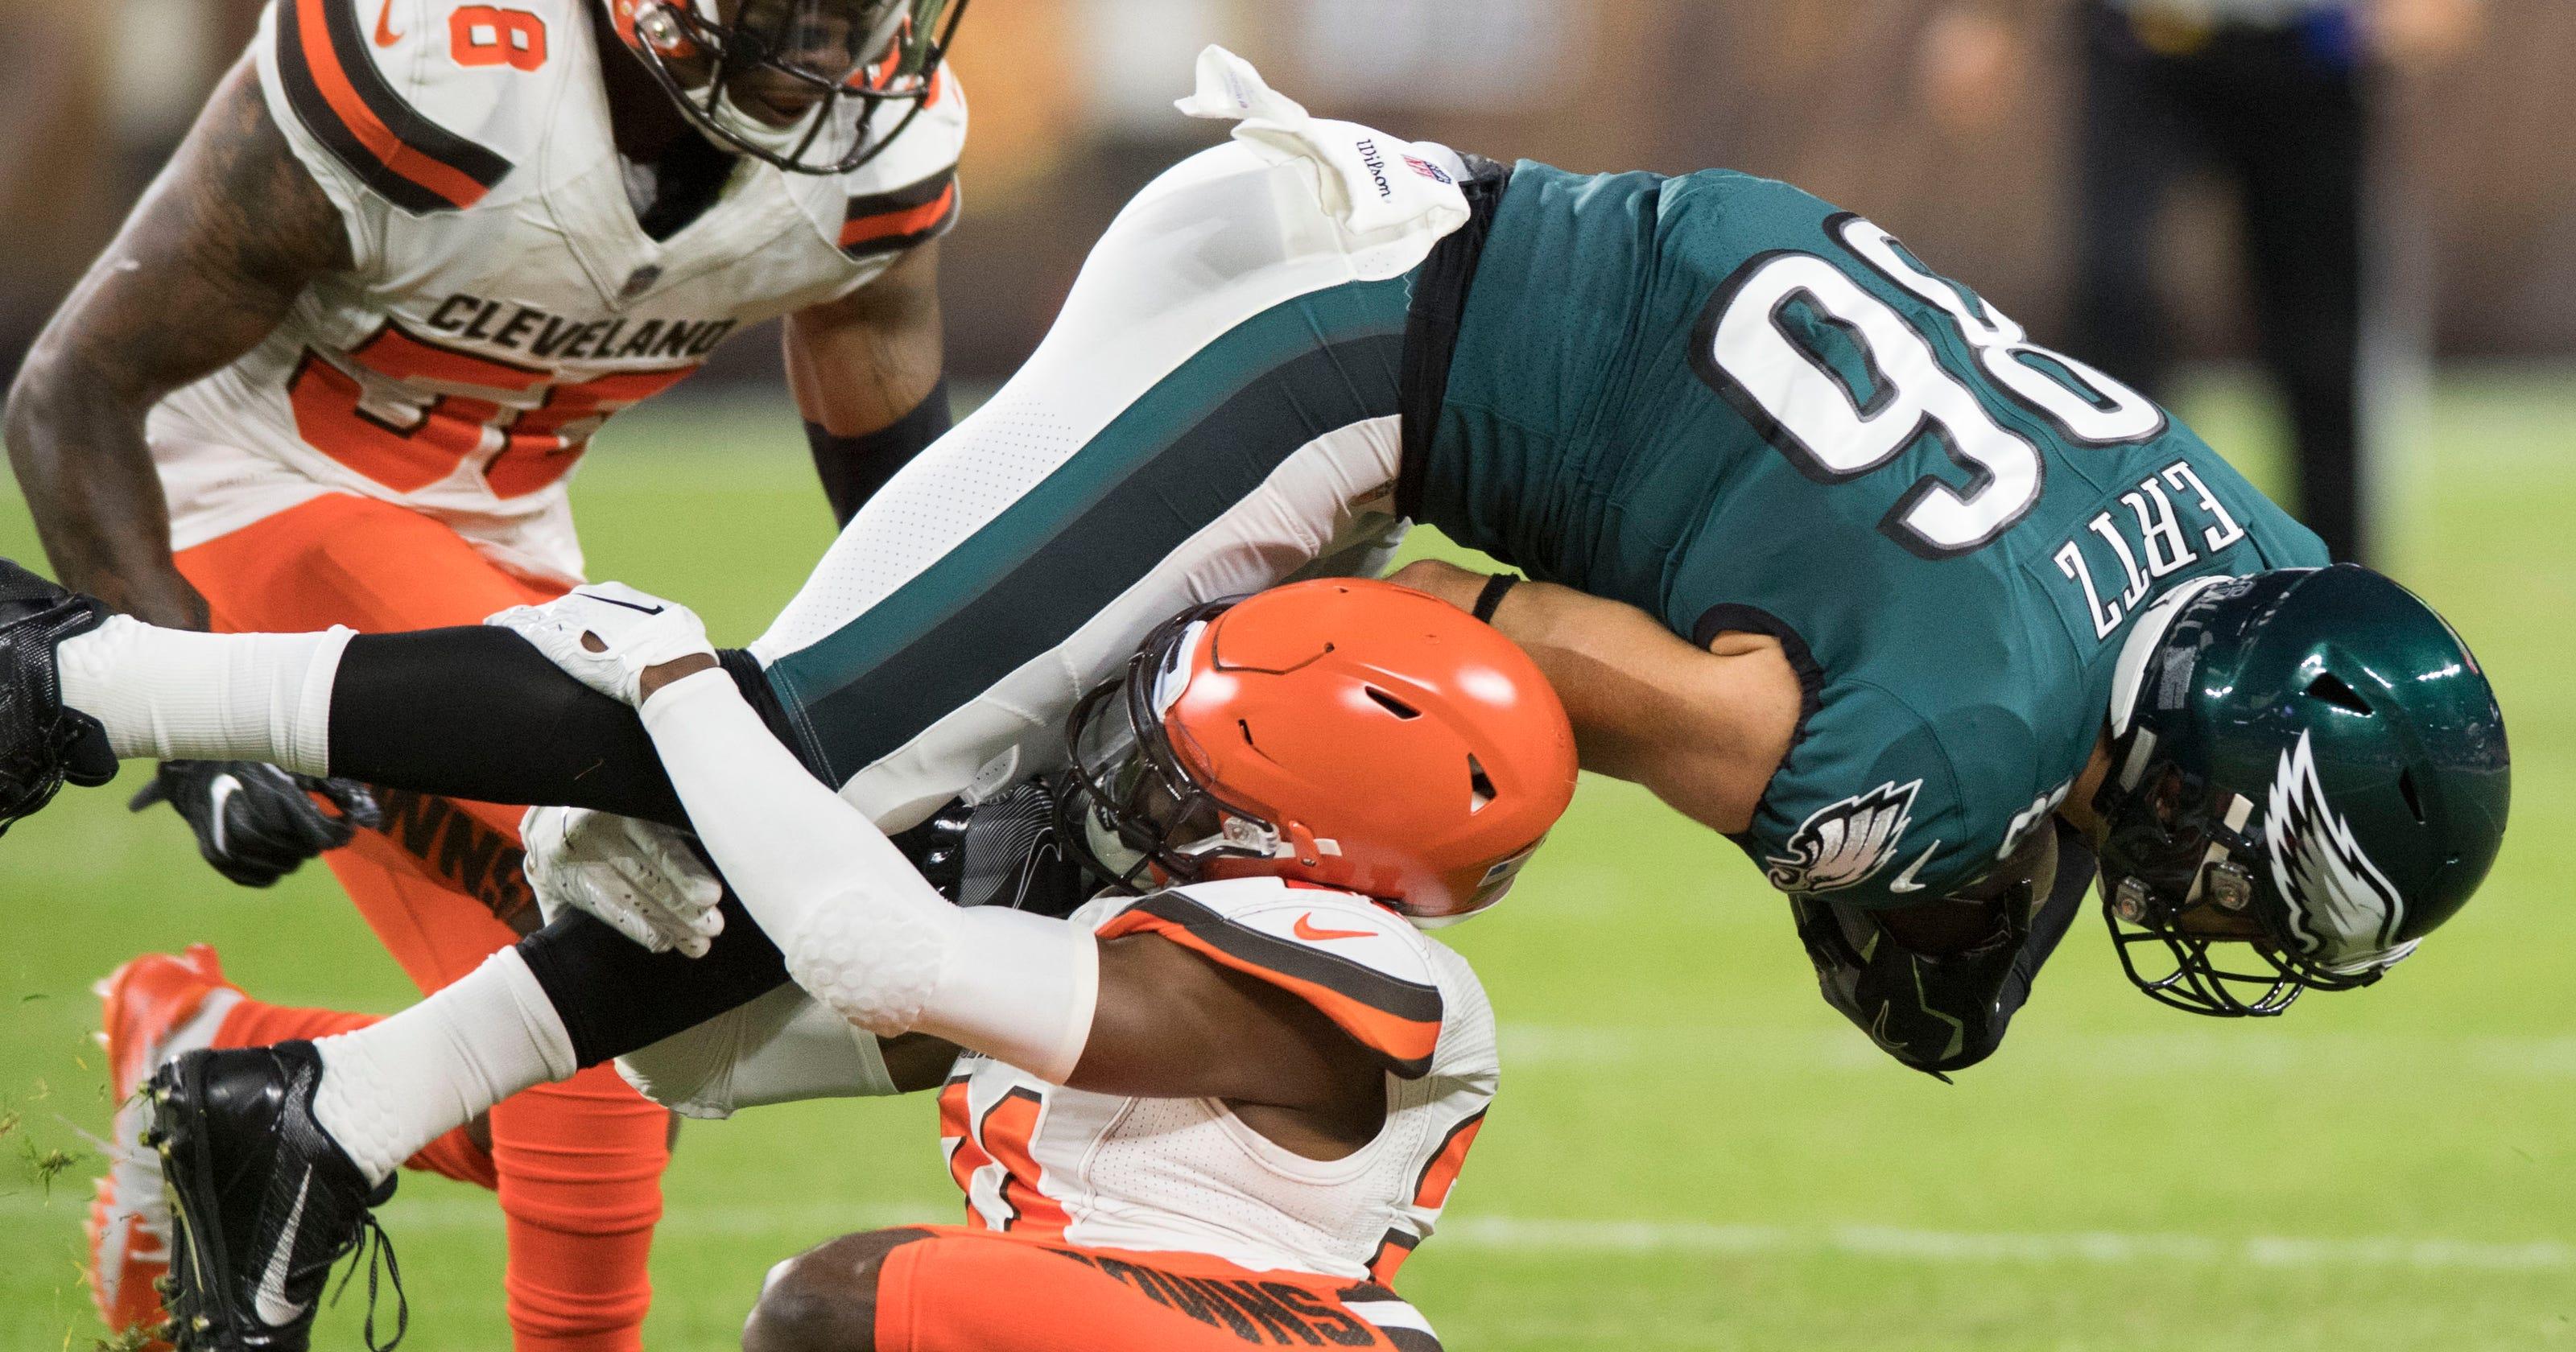 Usp Nfl Philadelphia Eagles At Cleveland Browns Width Height Fit Crop Denzel Ward Lets Gregg